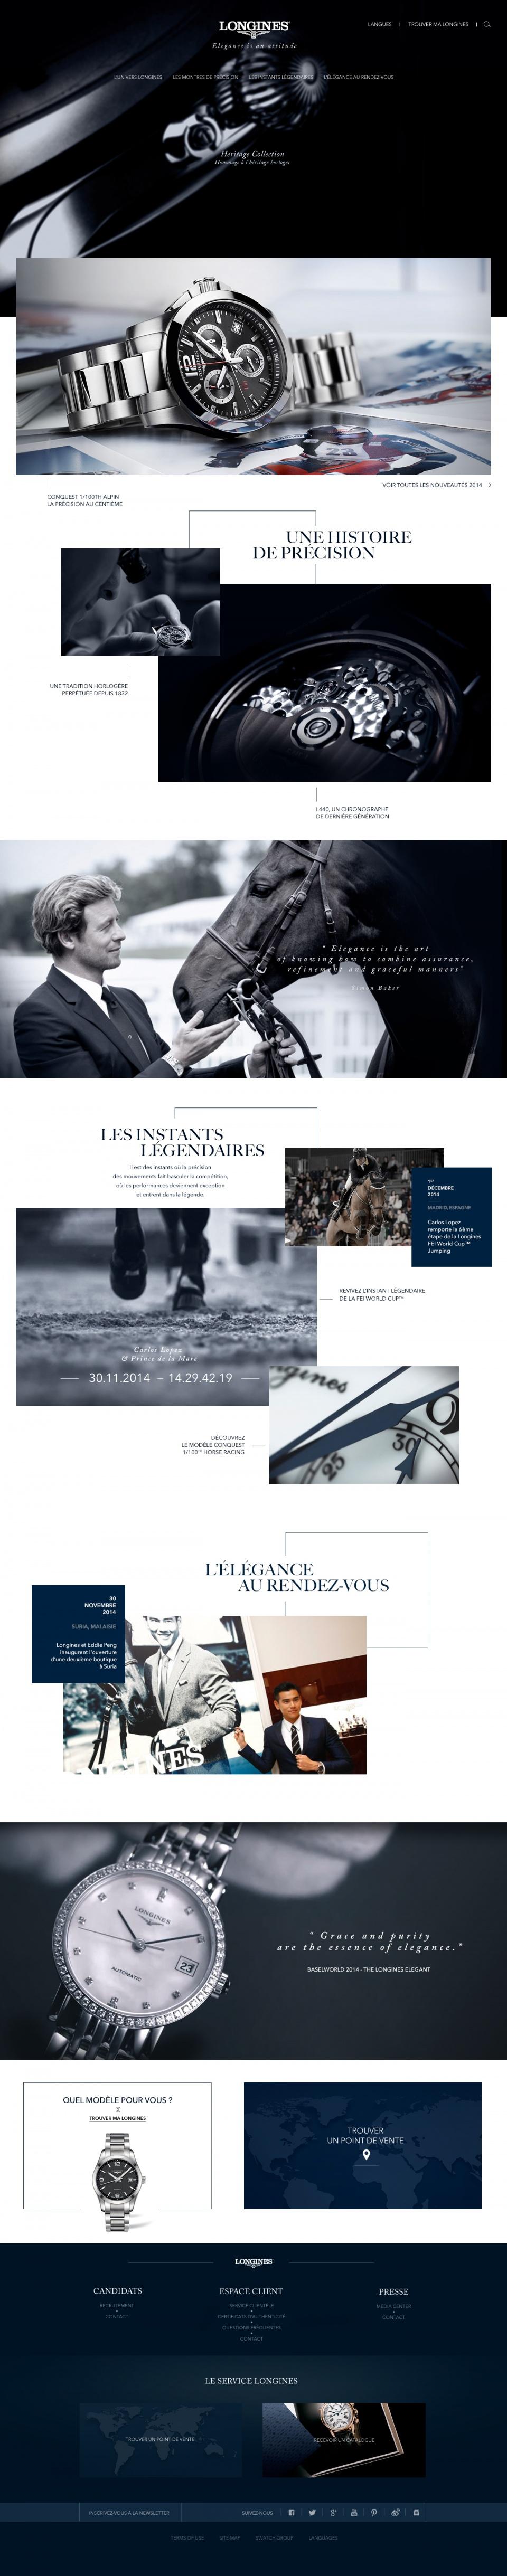 Homepage du site